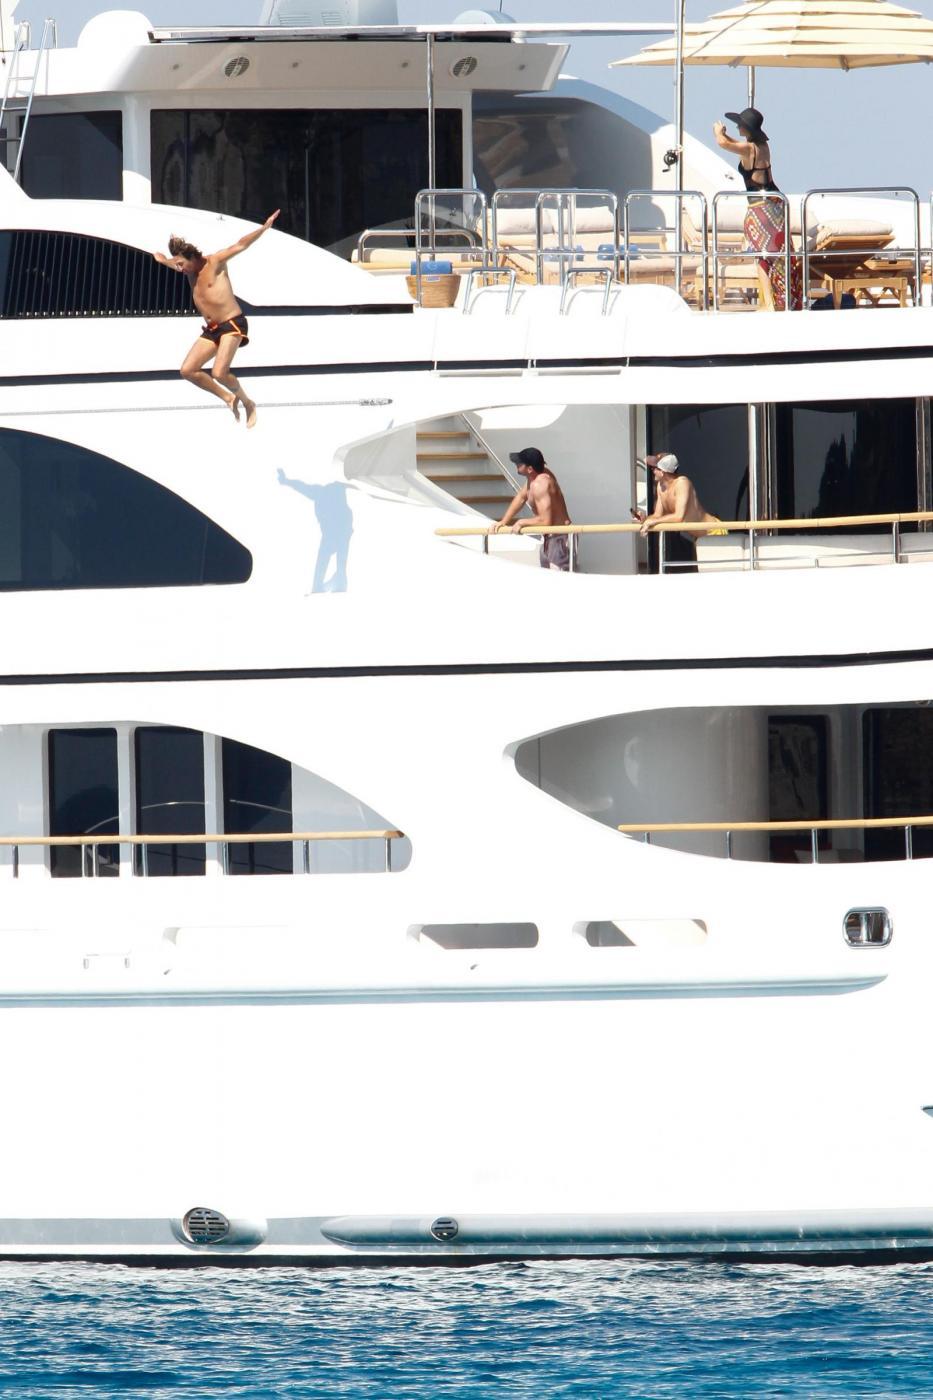 Paris Hilton e fidanzato a Formentera: sole, amore e yacht da sogno05